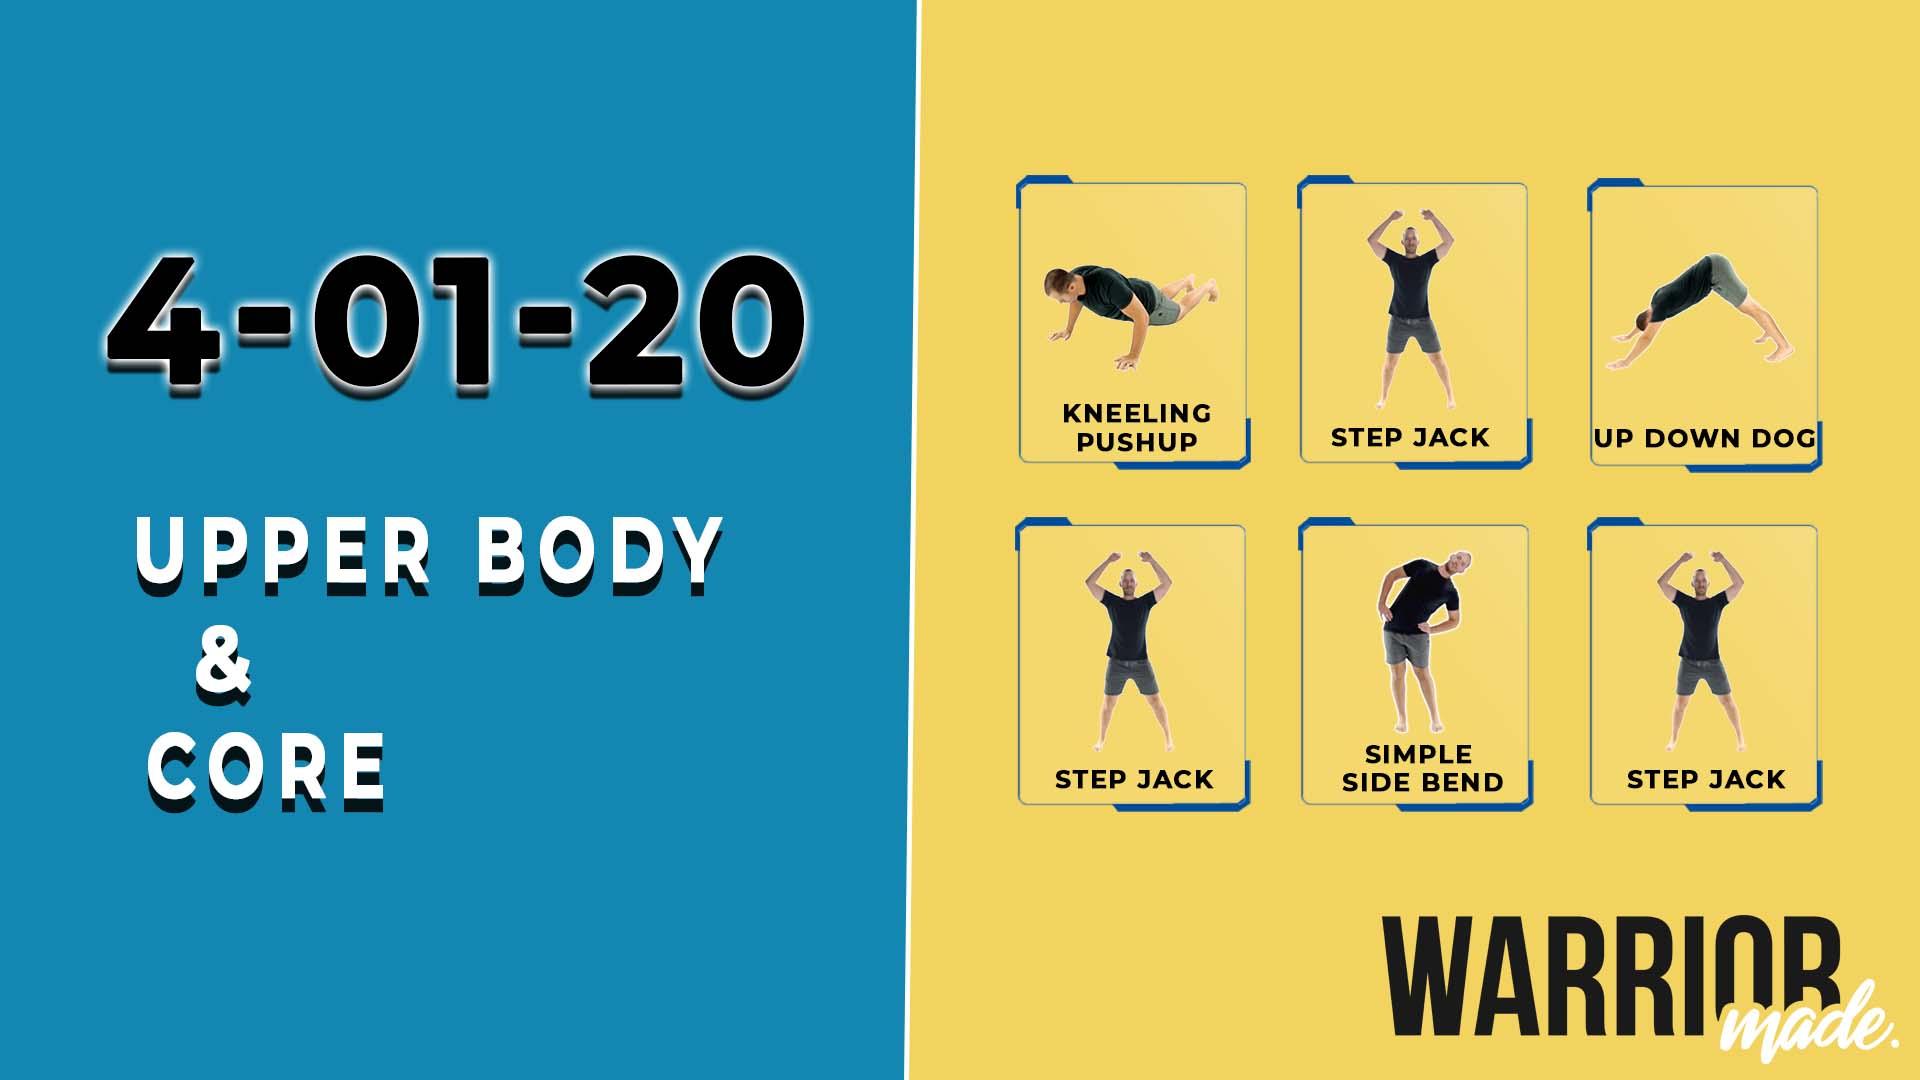 workouts-04-01-20